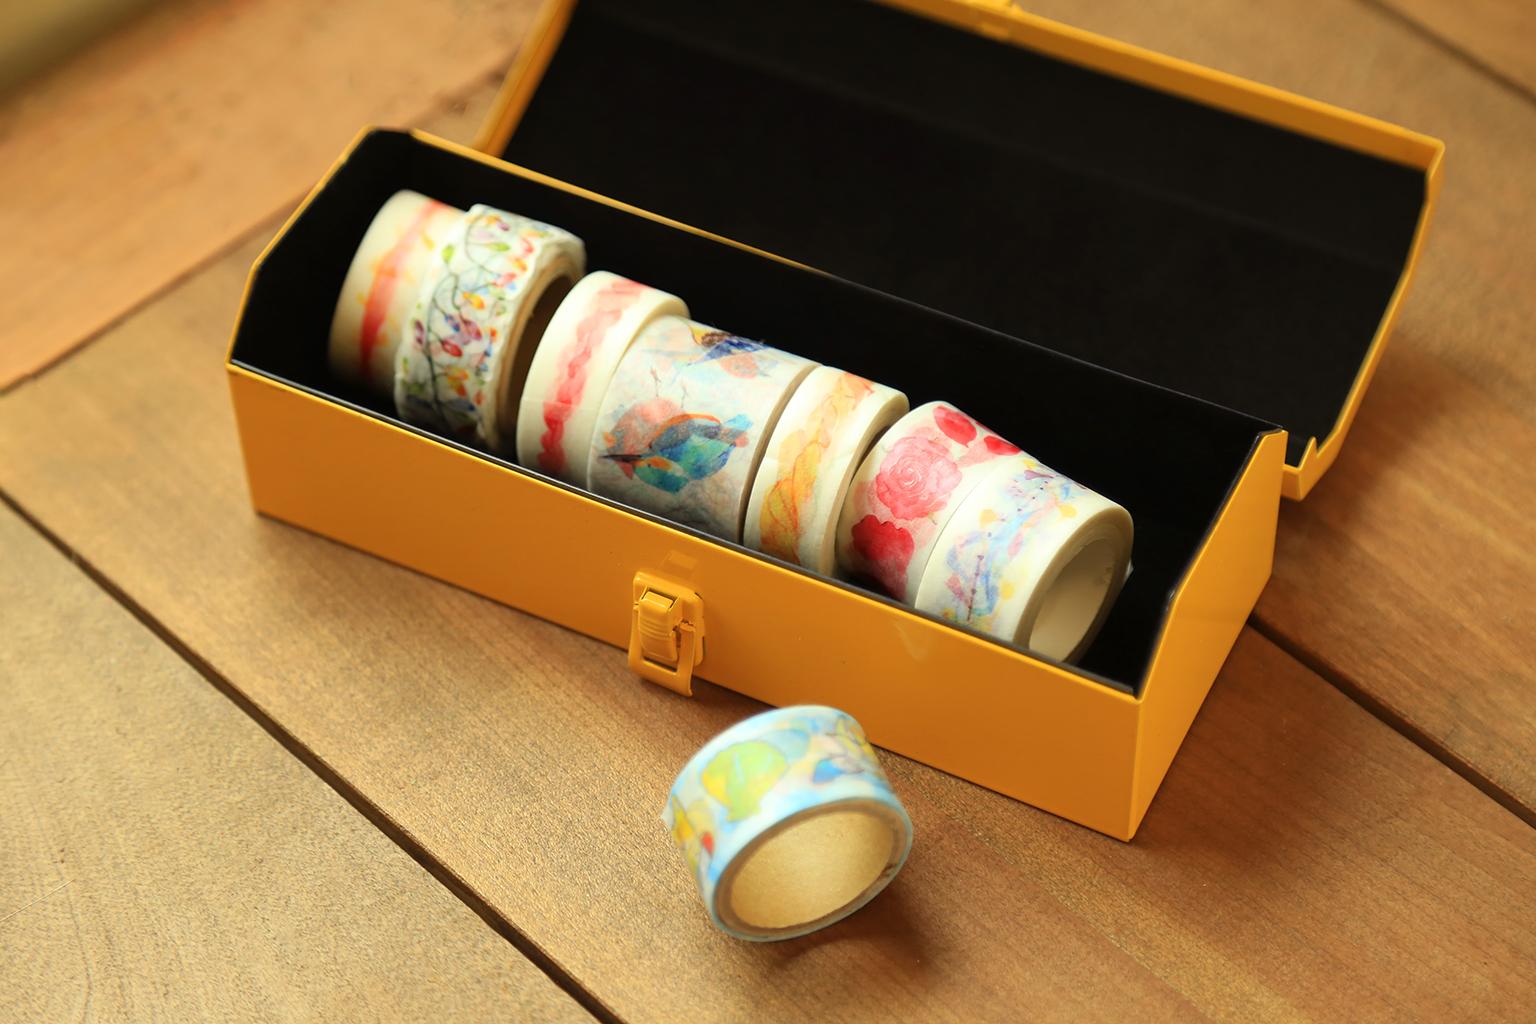 日本進口 MOTIF 便攜型工具箱 - 紙膠帶範例